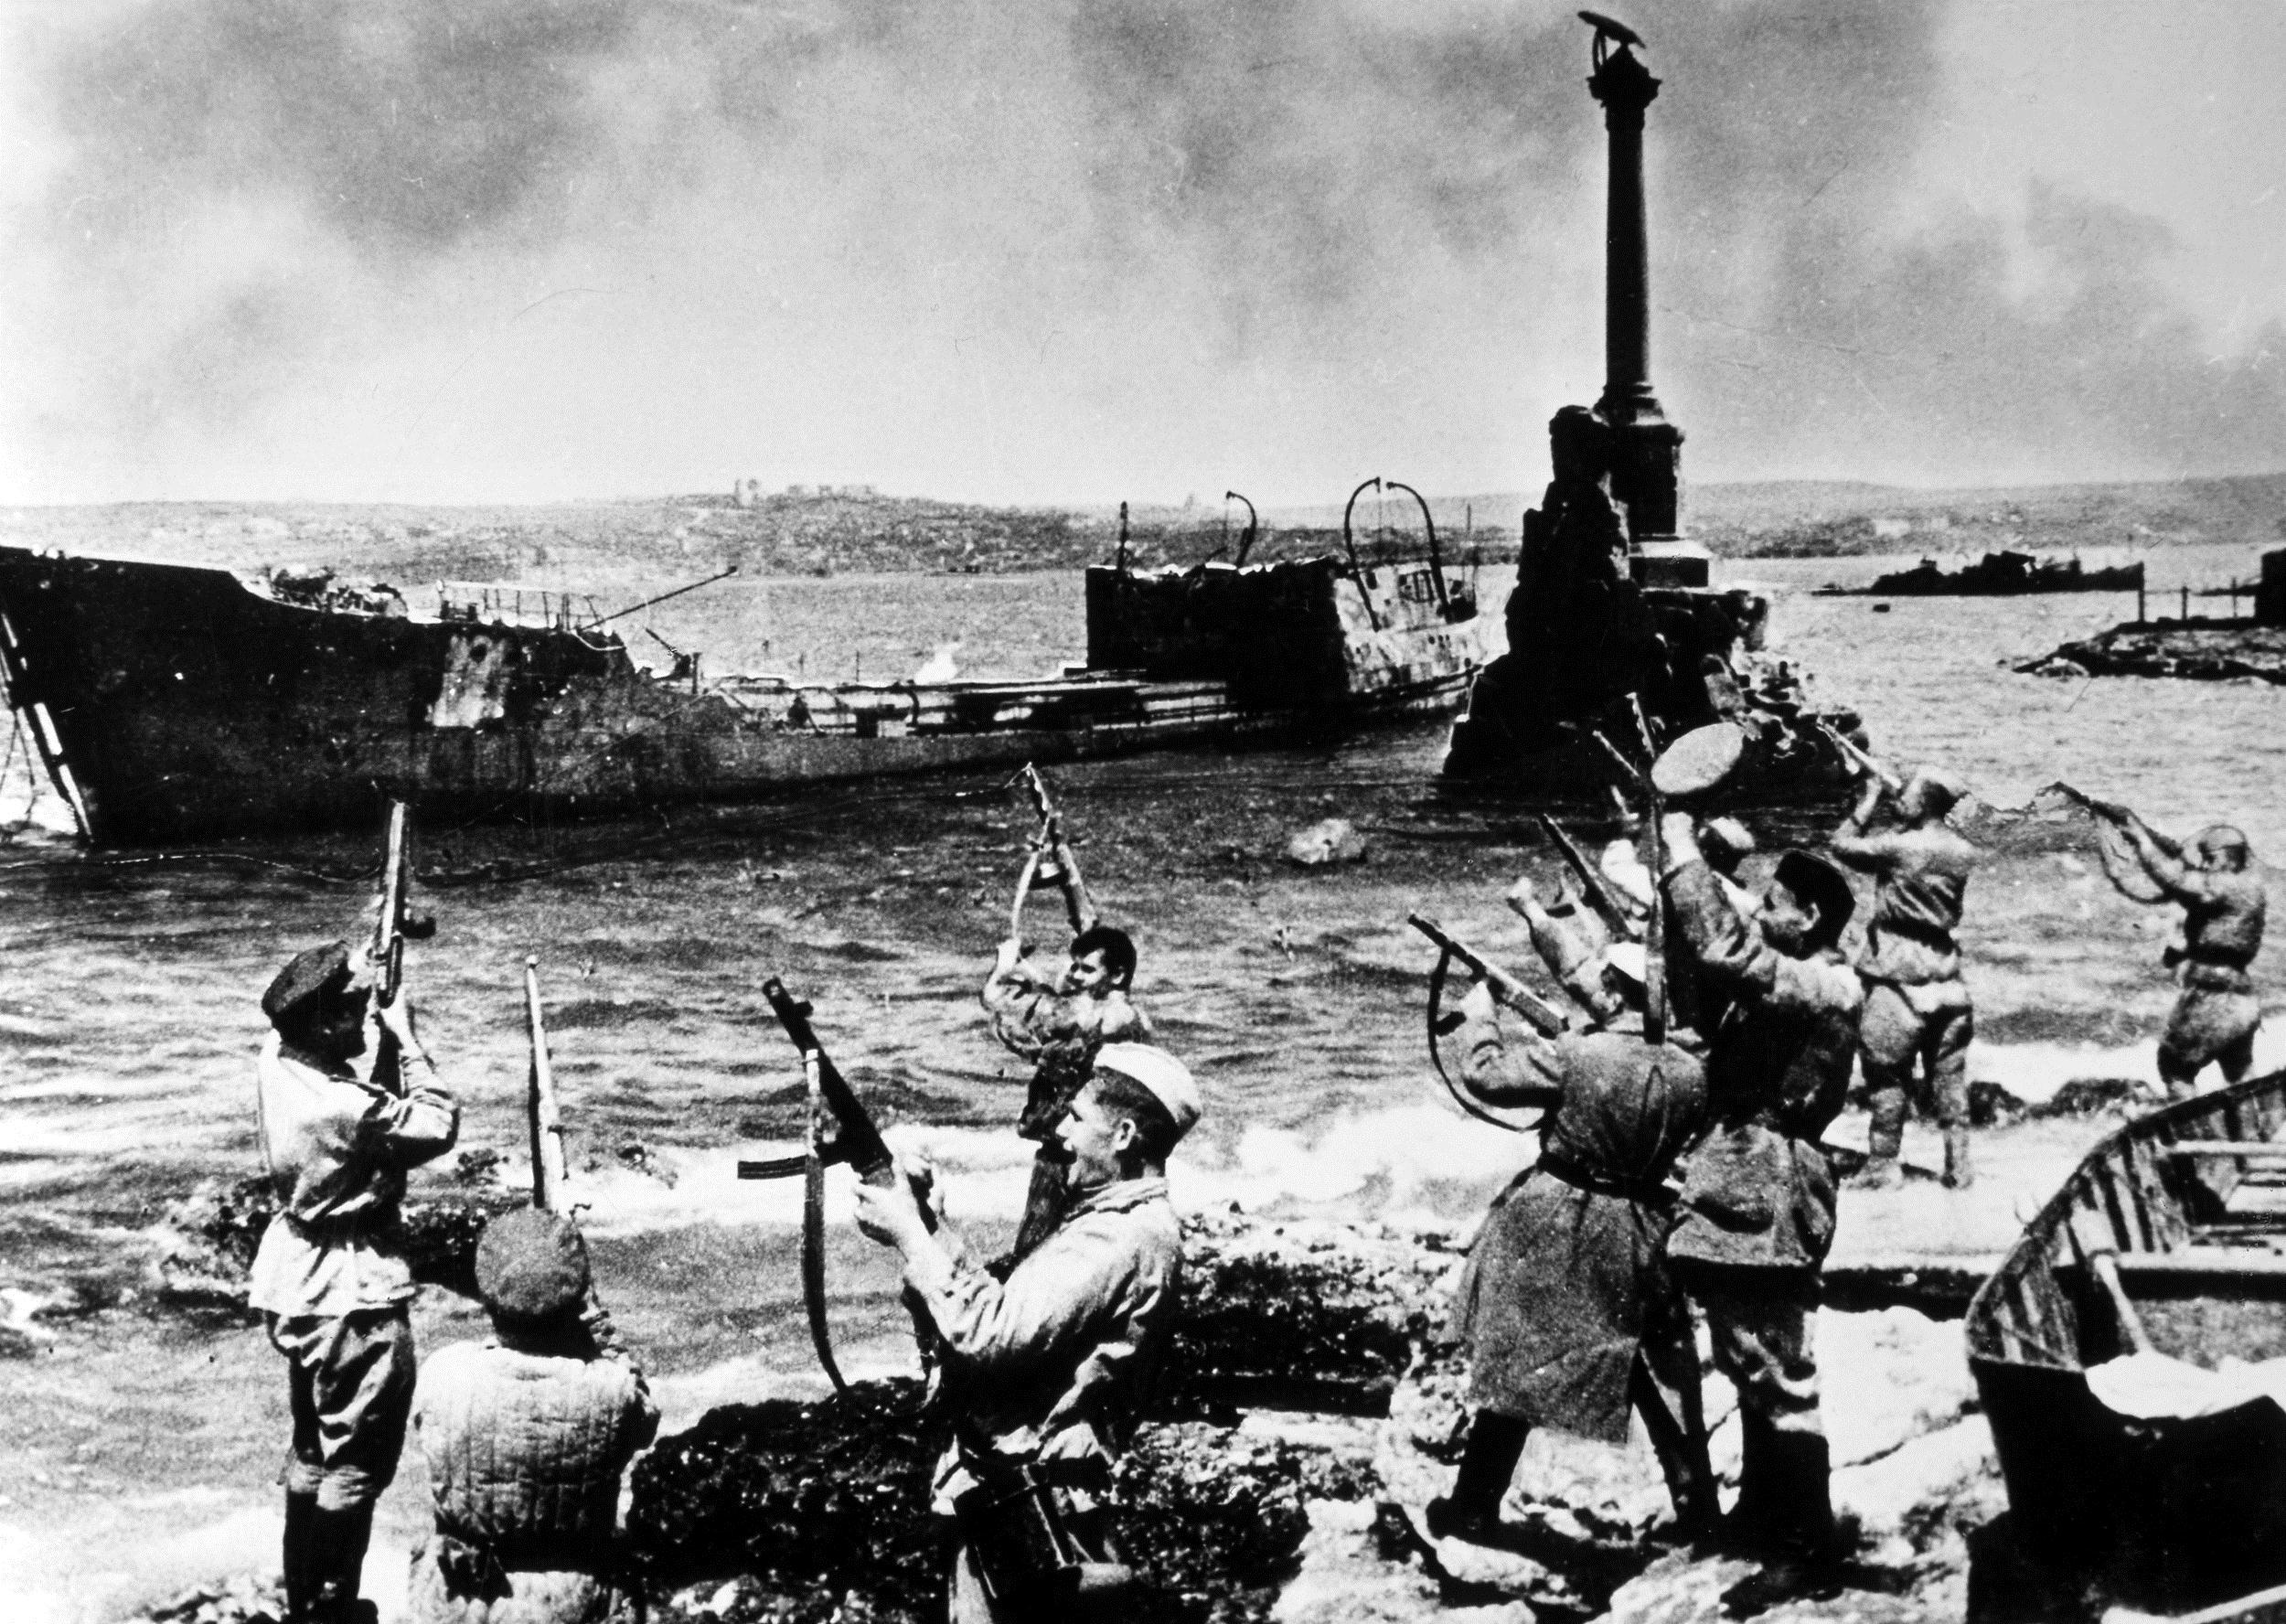 Soviet soldiers in Sevastopol celebrate their victory